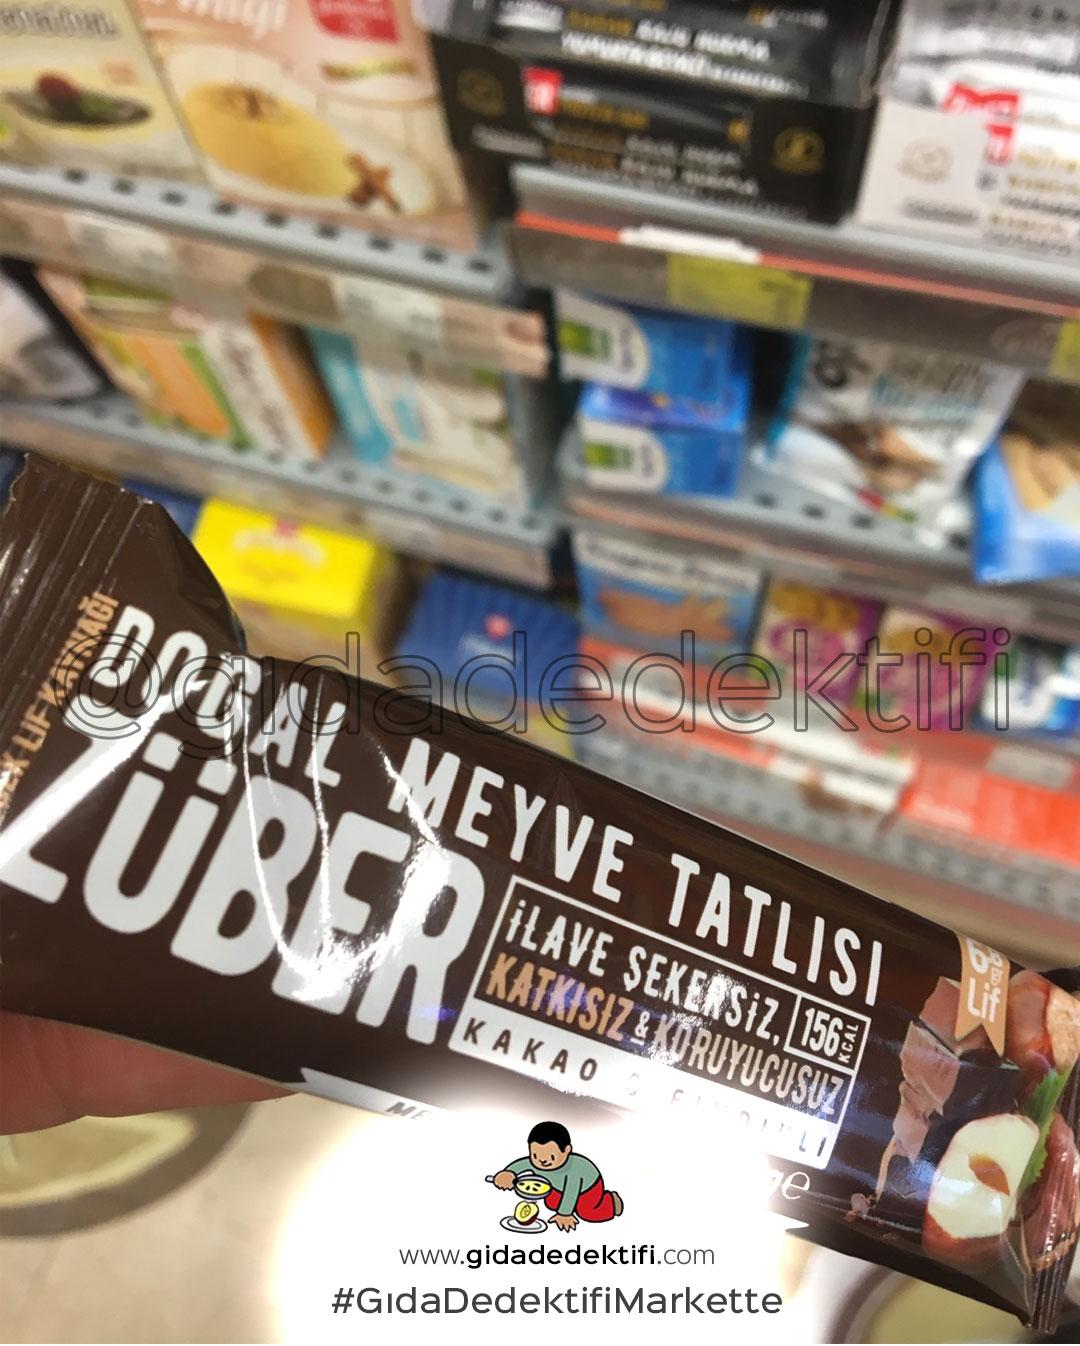 Züber-Kakao-Fındıklı-Market-1